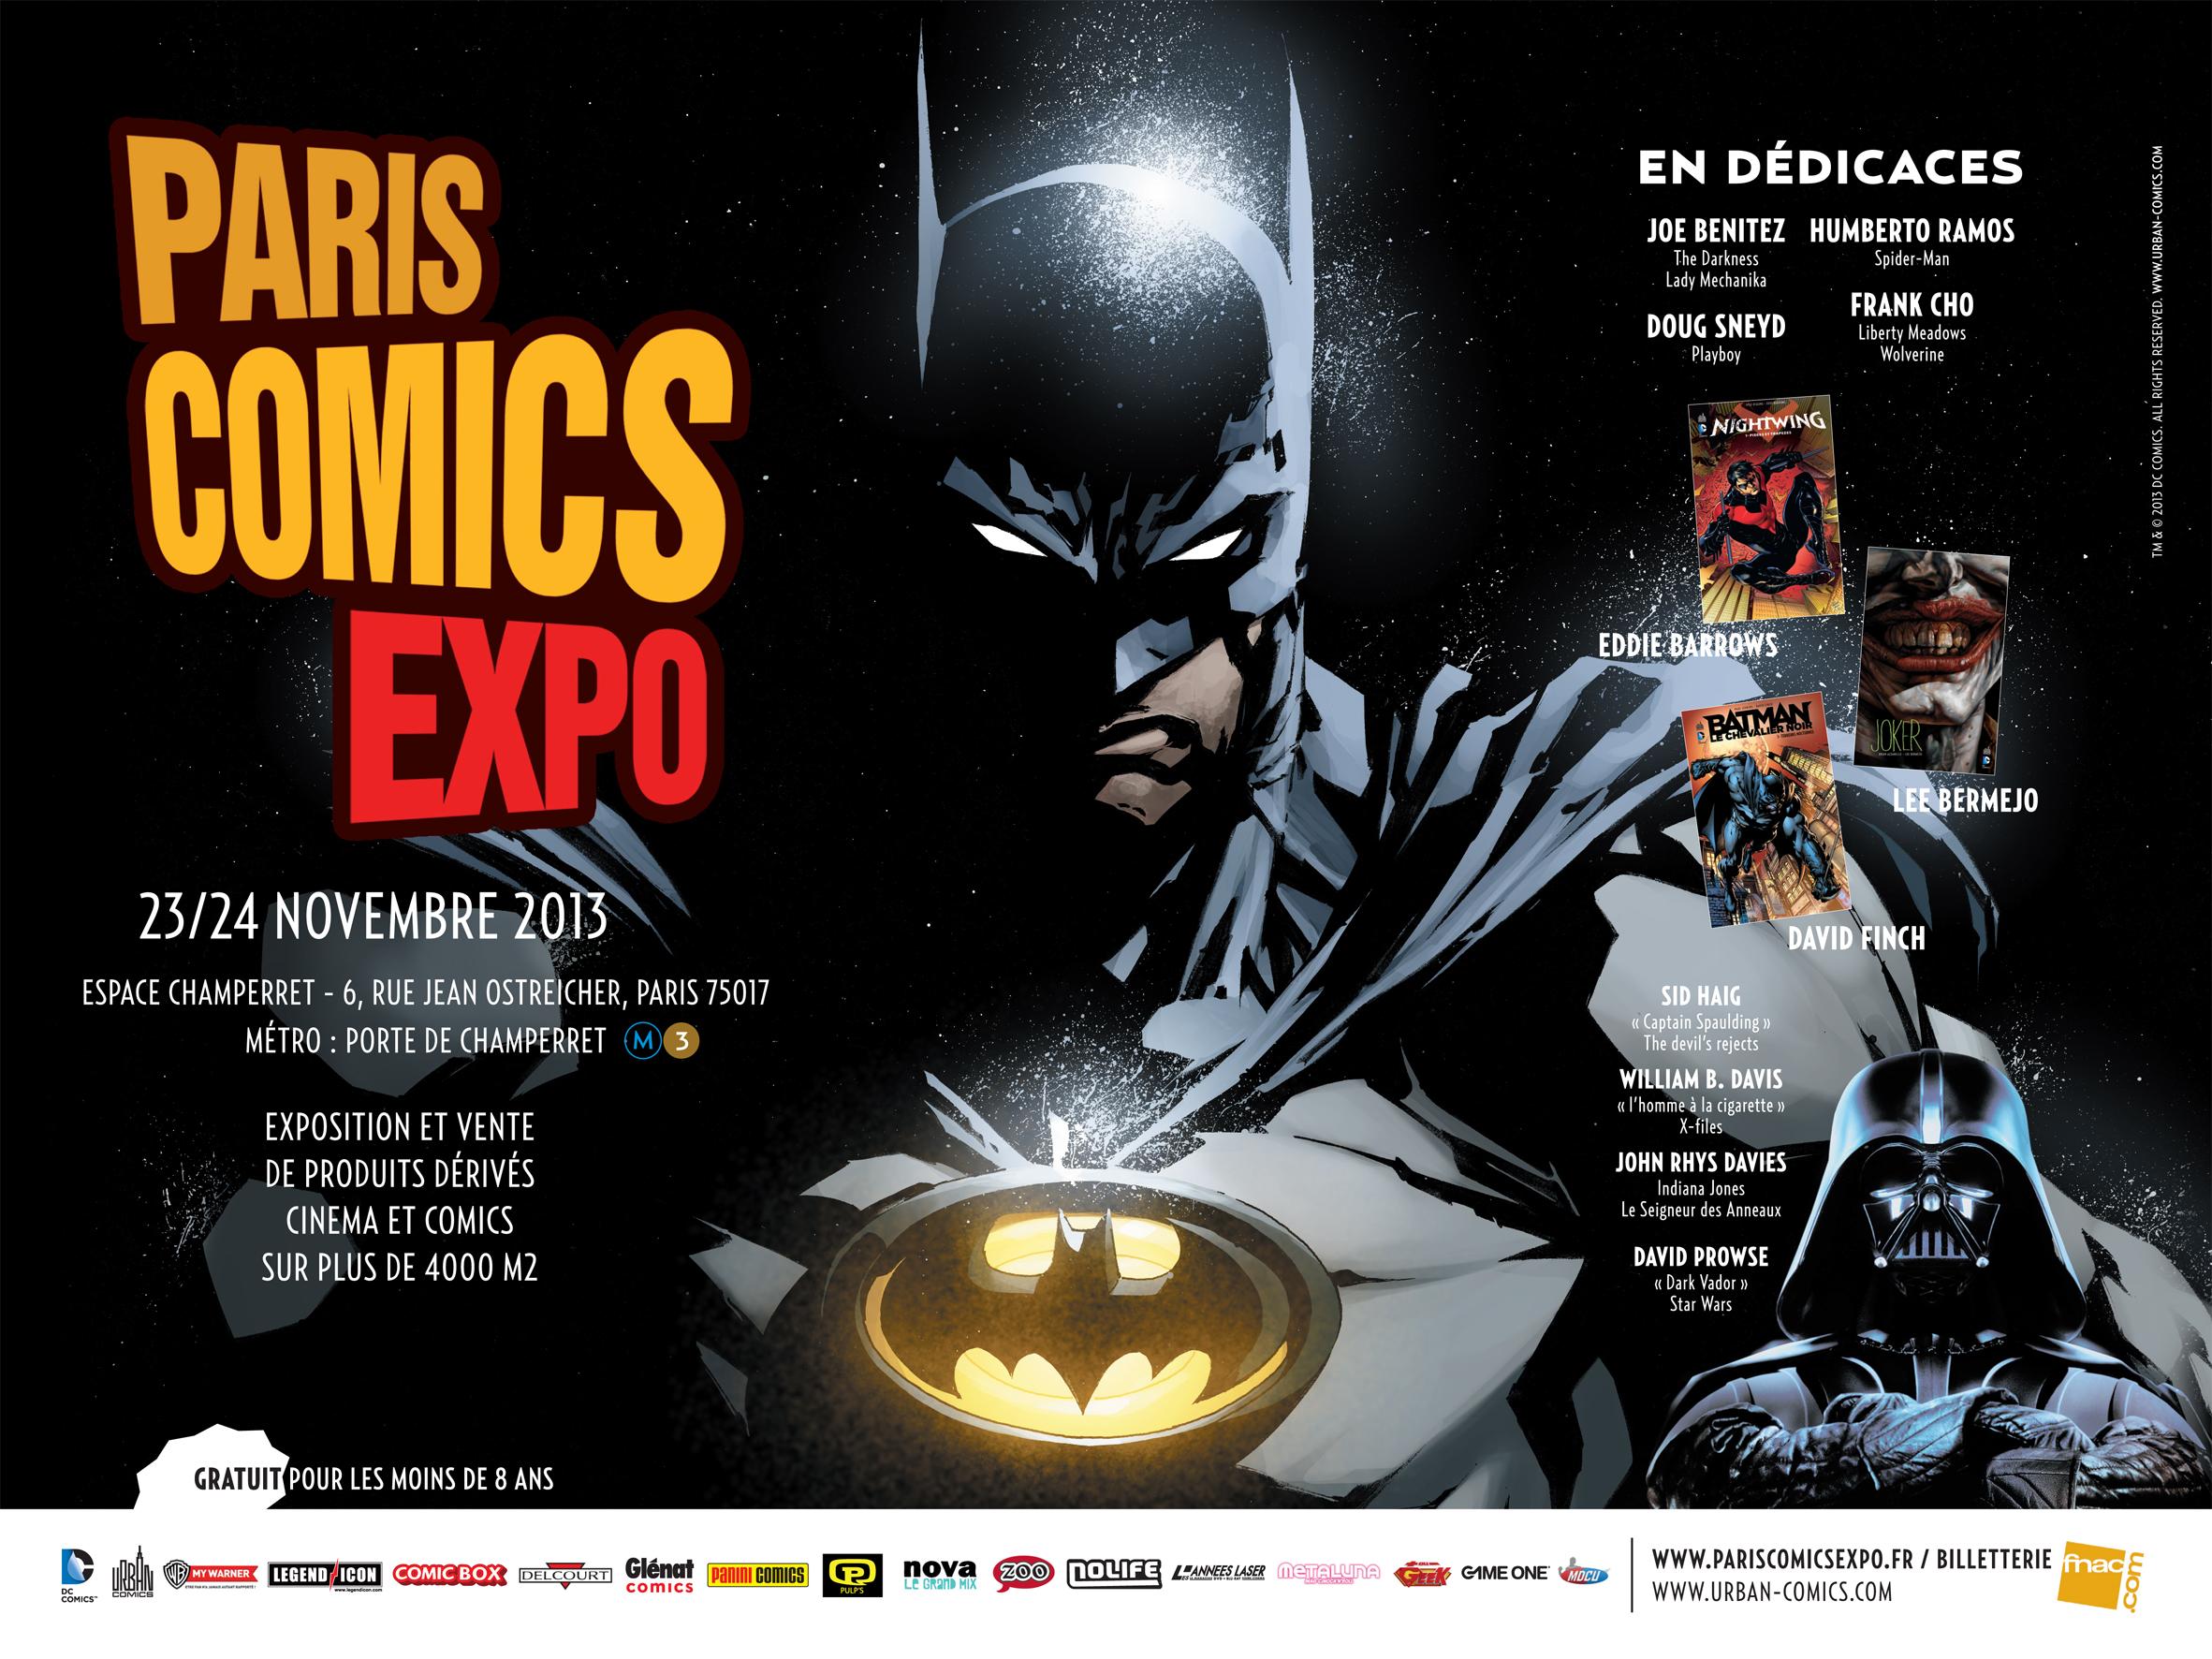 Edito : Pas de Paris Comics Expo cette année